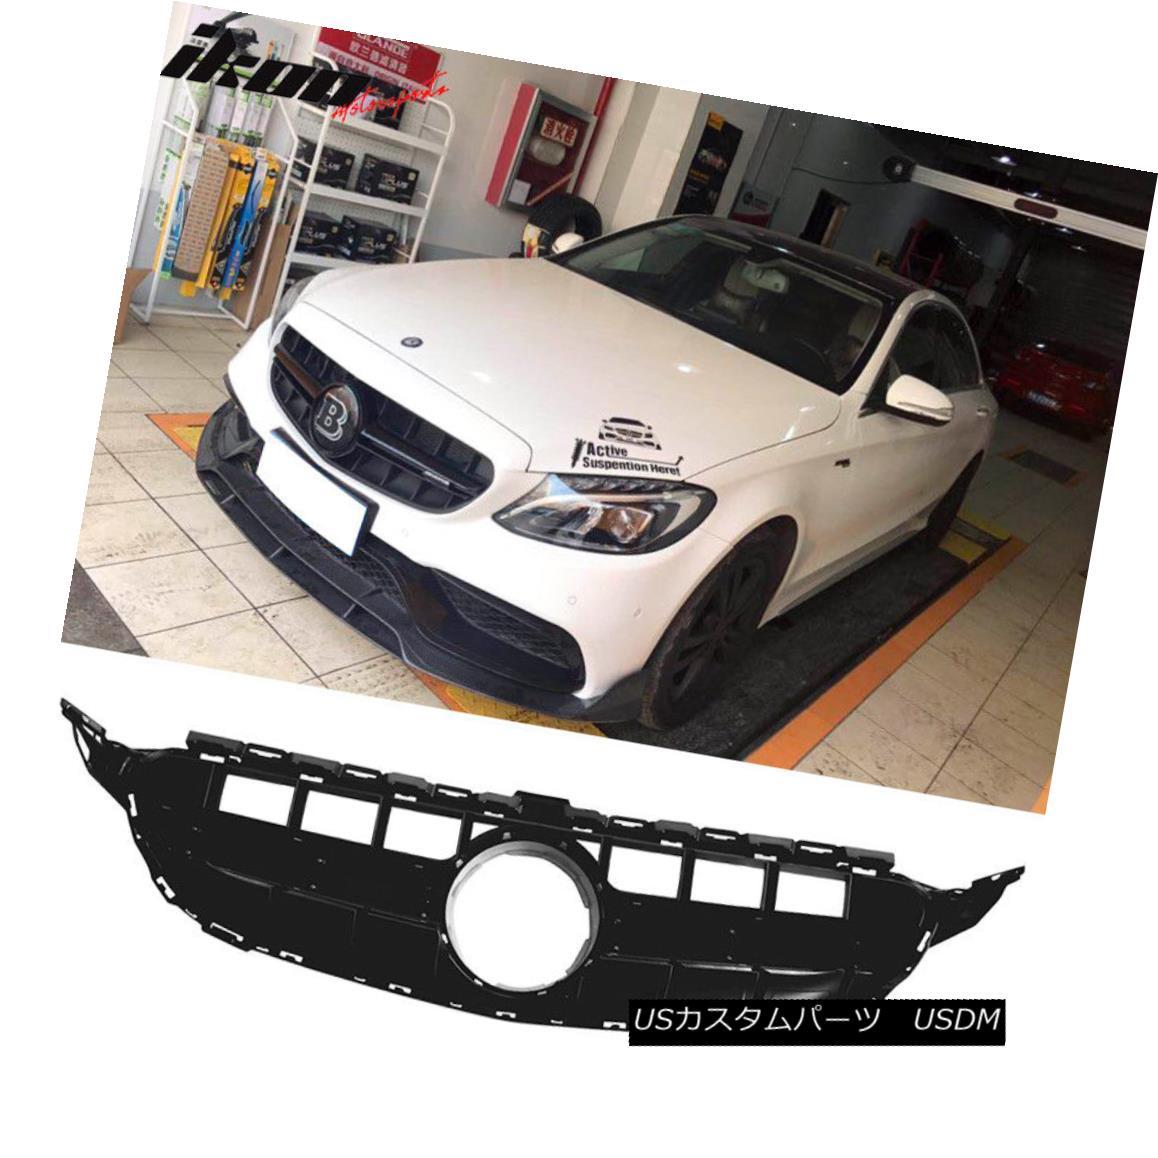 グリル Fits 15-18 Mercedes-Benz C Class W205 Sport E63S Vertical AMG Style Black Grille フィット15-18メルセデスベンツCクラスW205スポーツE63S垂直AMGスタイルブラックグリル